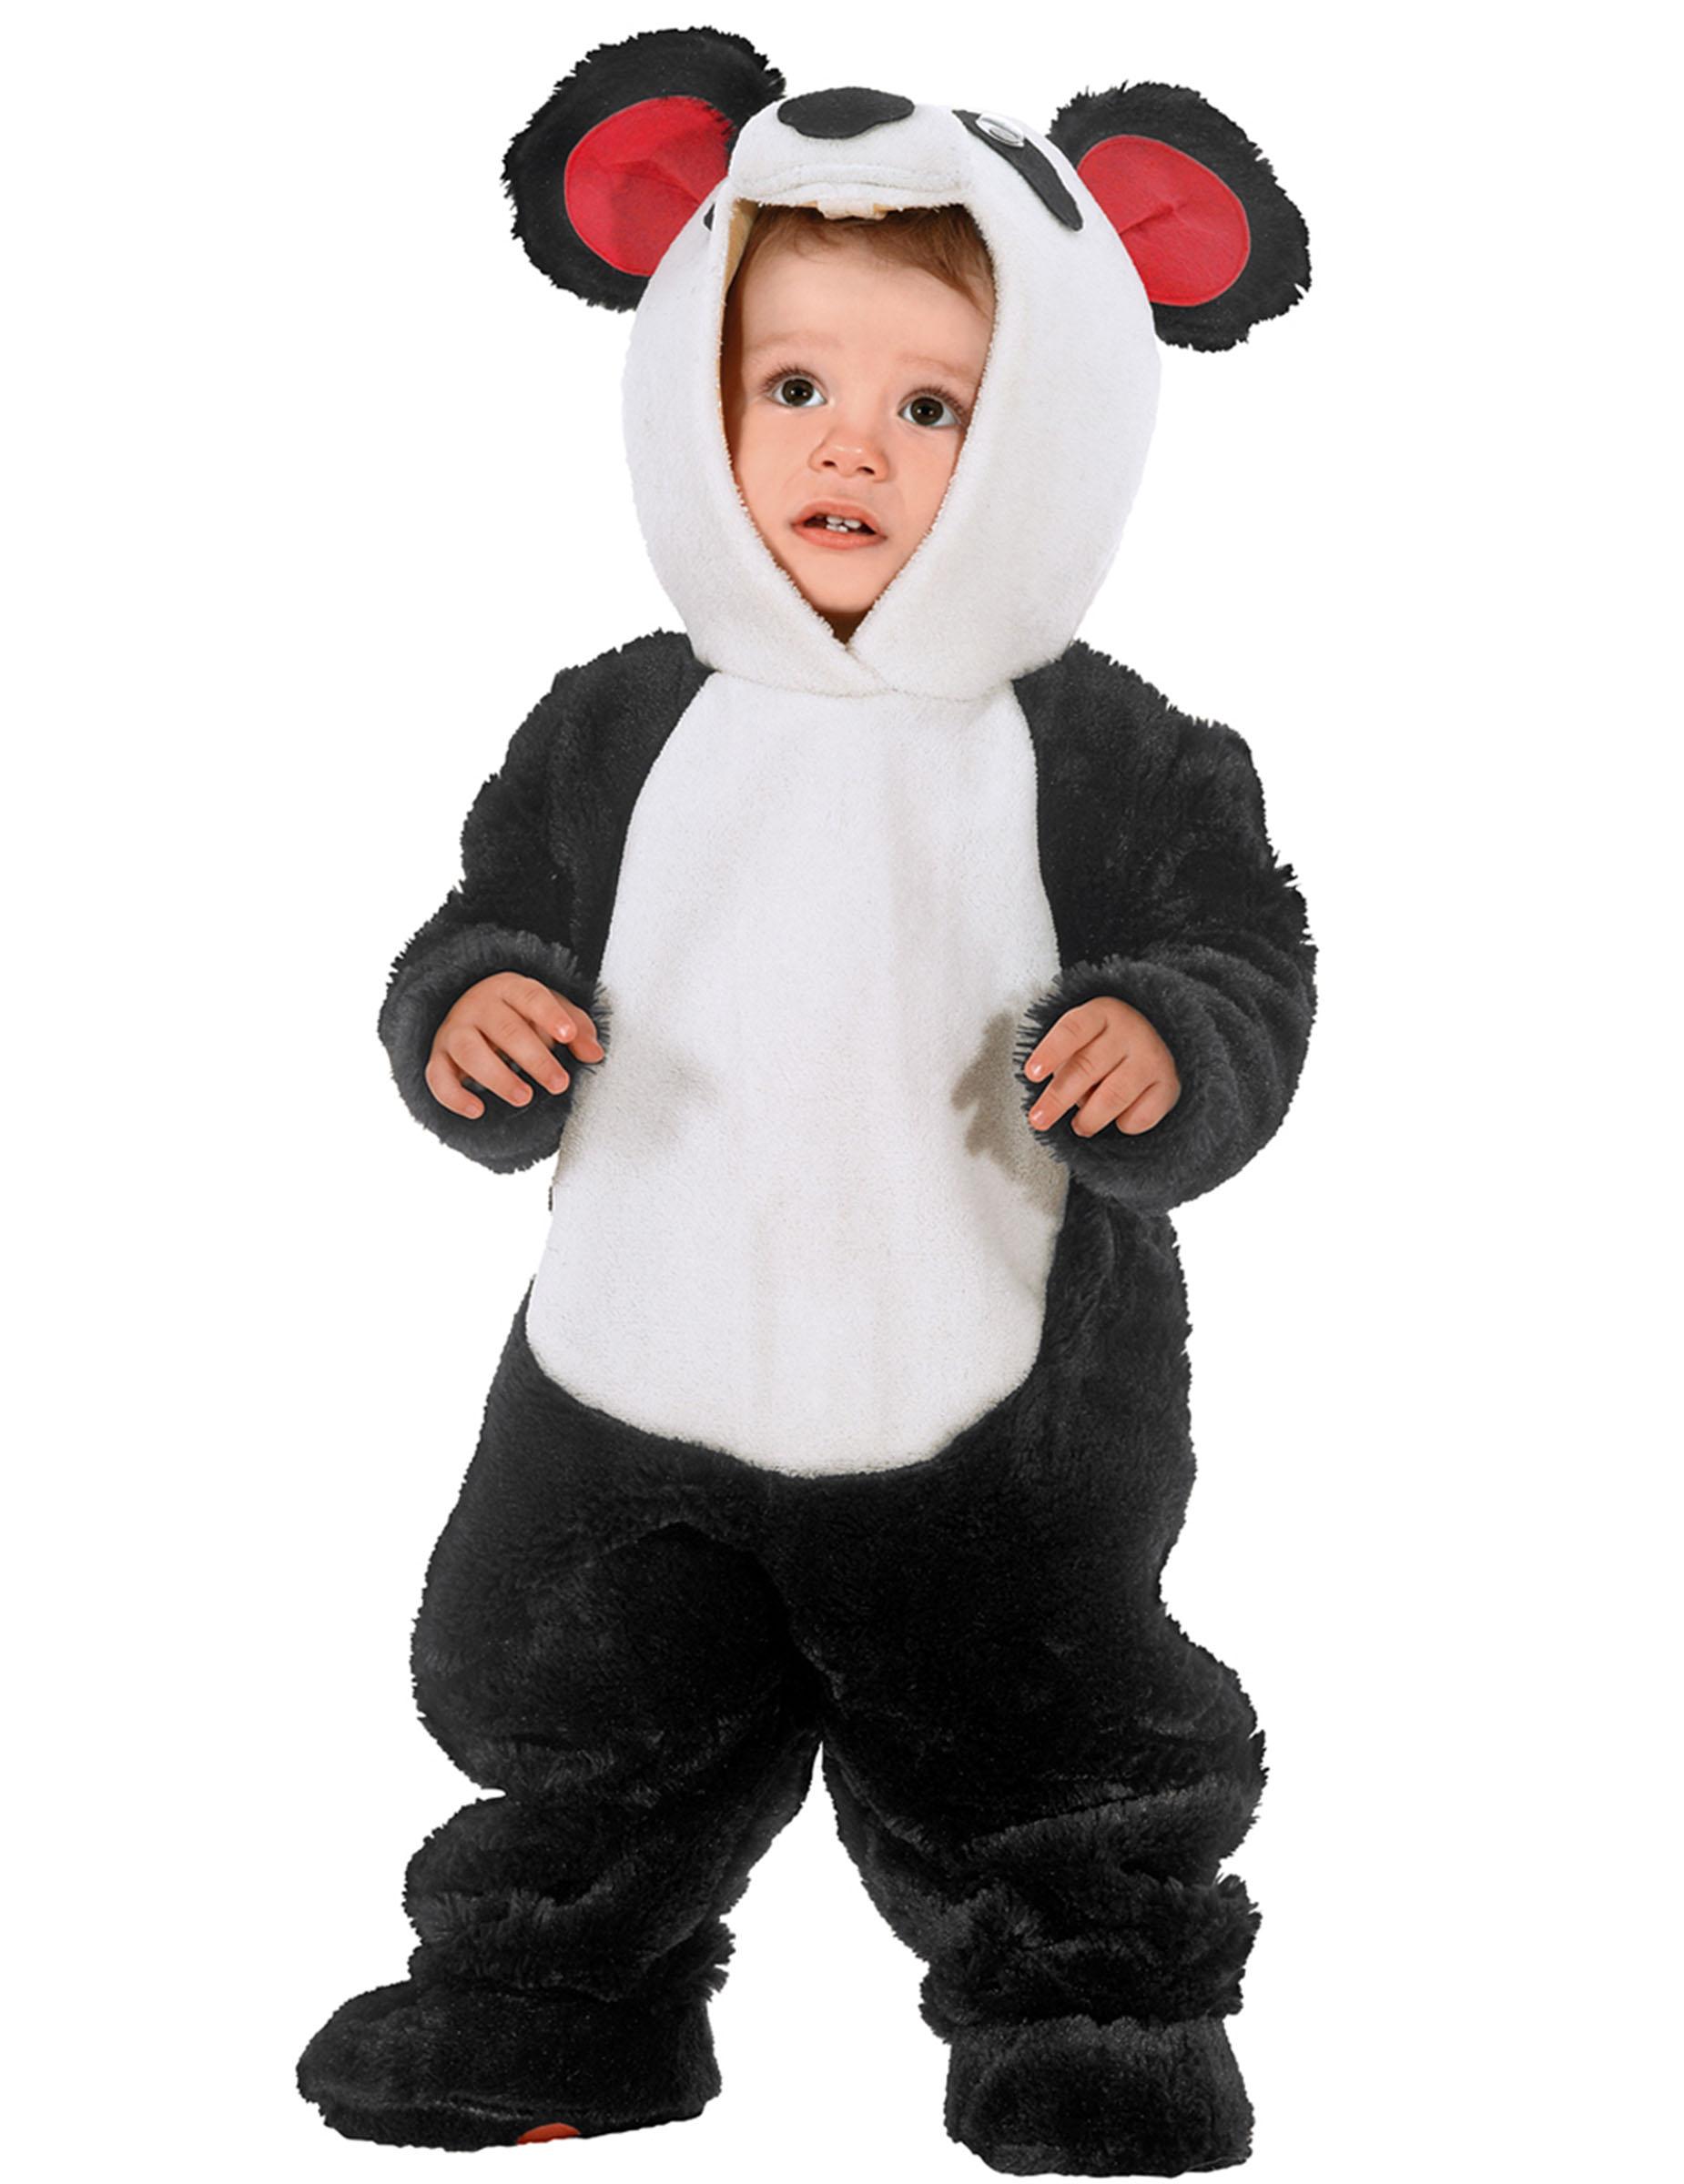 d guisement combinaison panda b b deguise toi achat de d guisements enfants. Black Bedroom Furniture Sets. Home Design Ideas